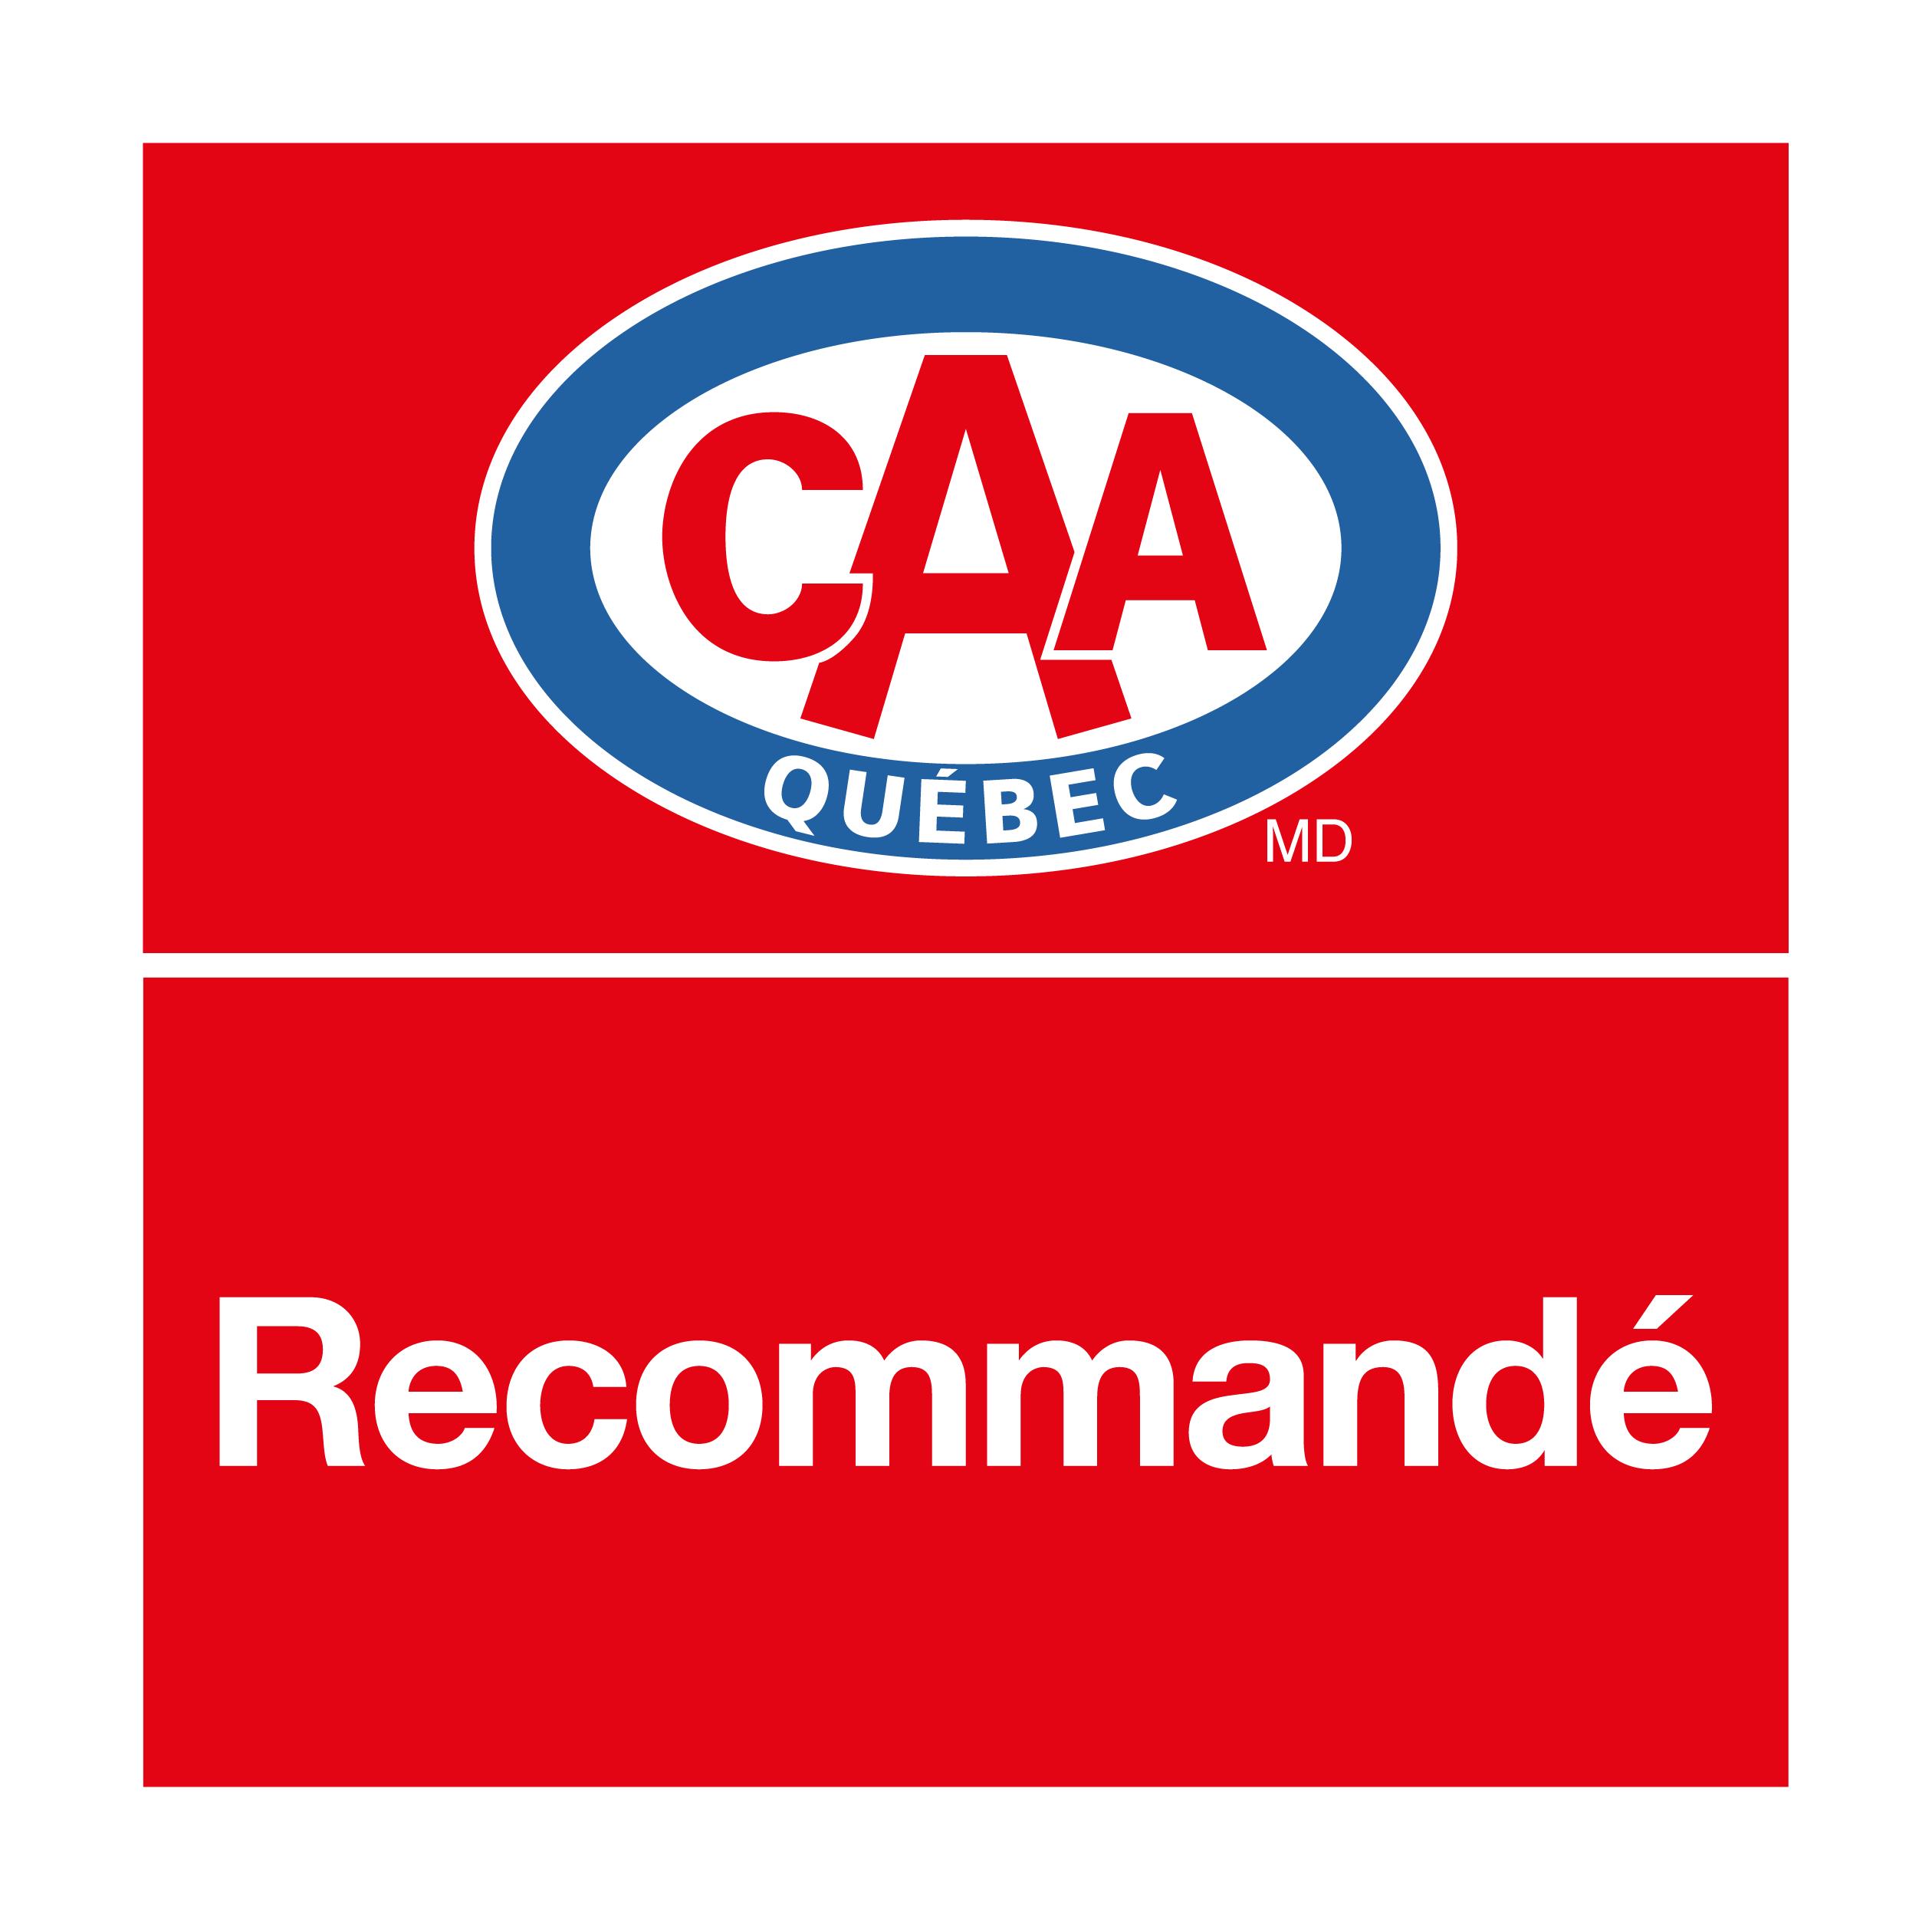 Logo CAA QUEBEC